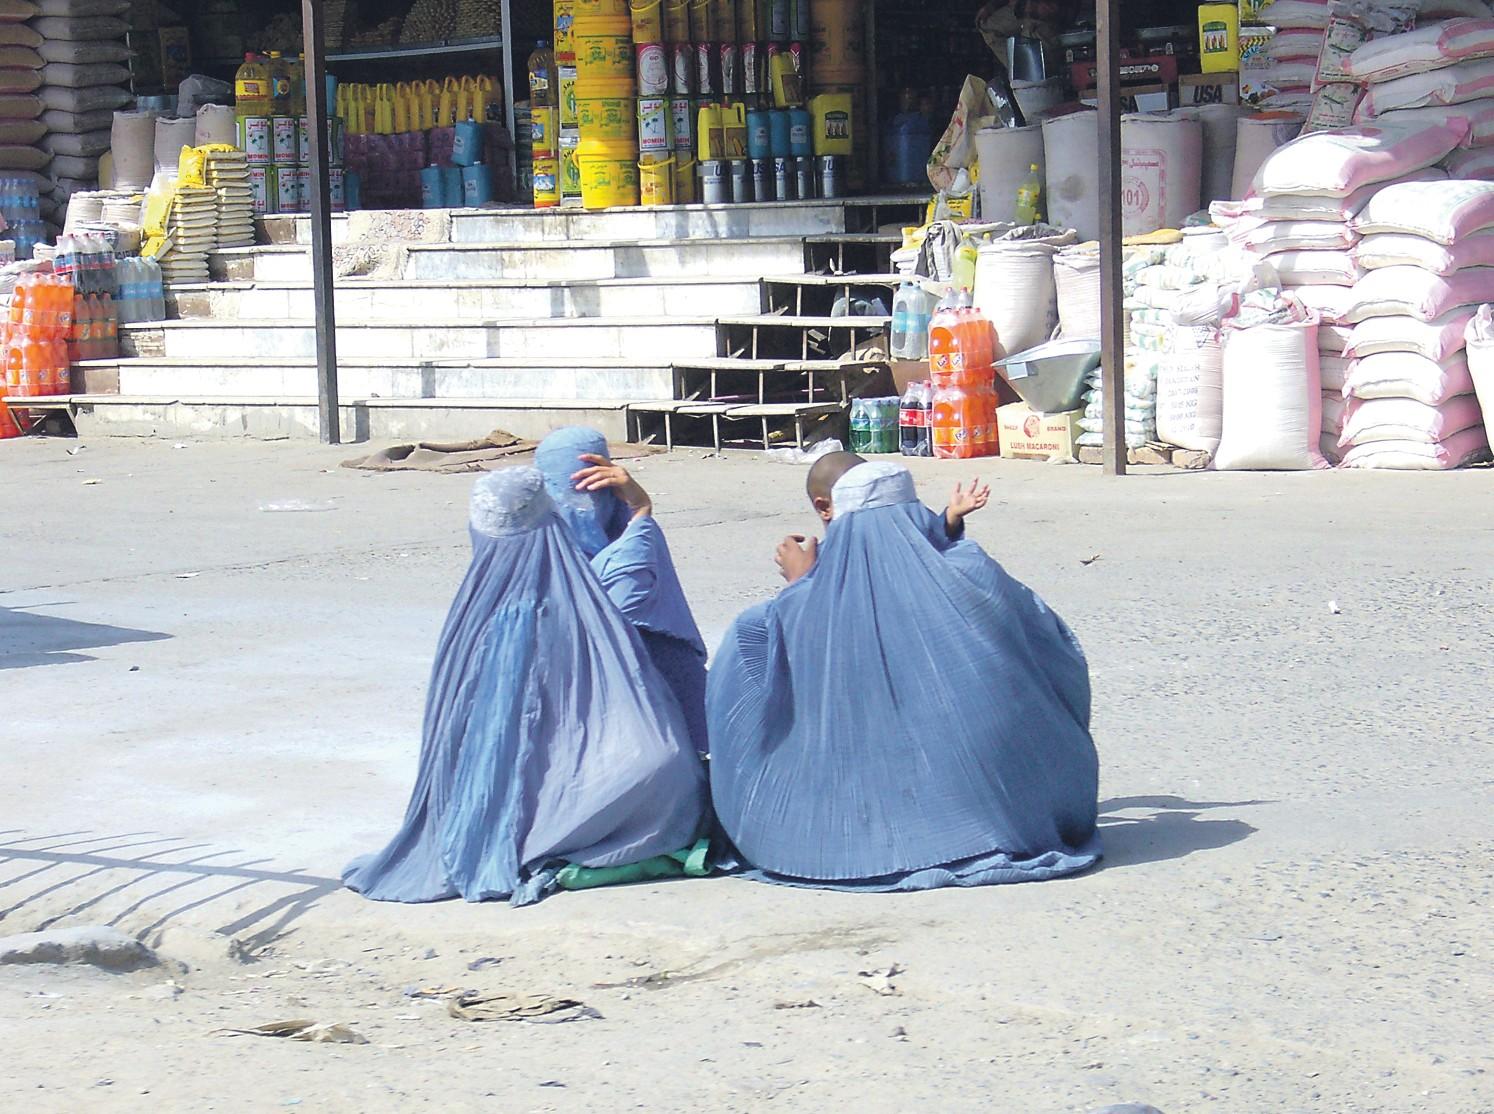 Suomi Afganistanissa – kauniista illuusioista karuun todellisuuteen